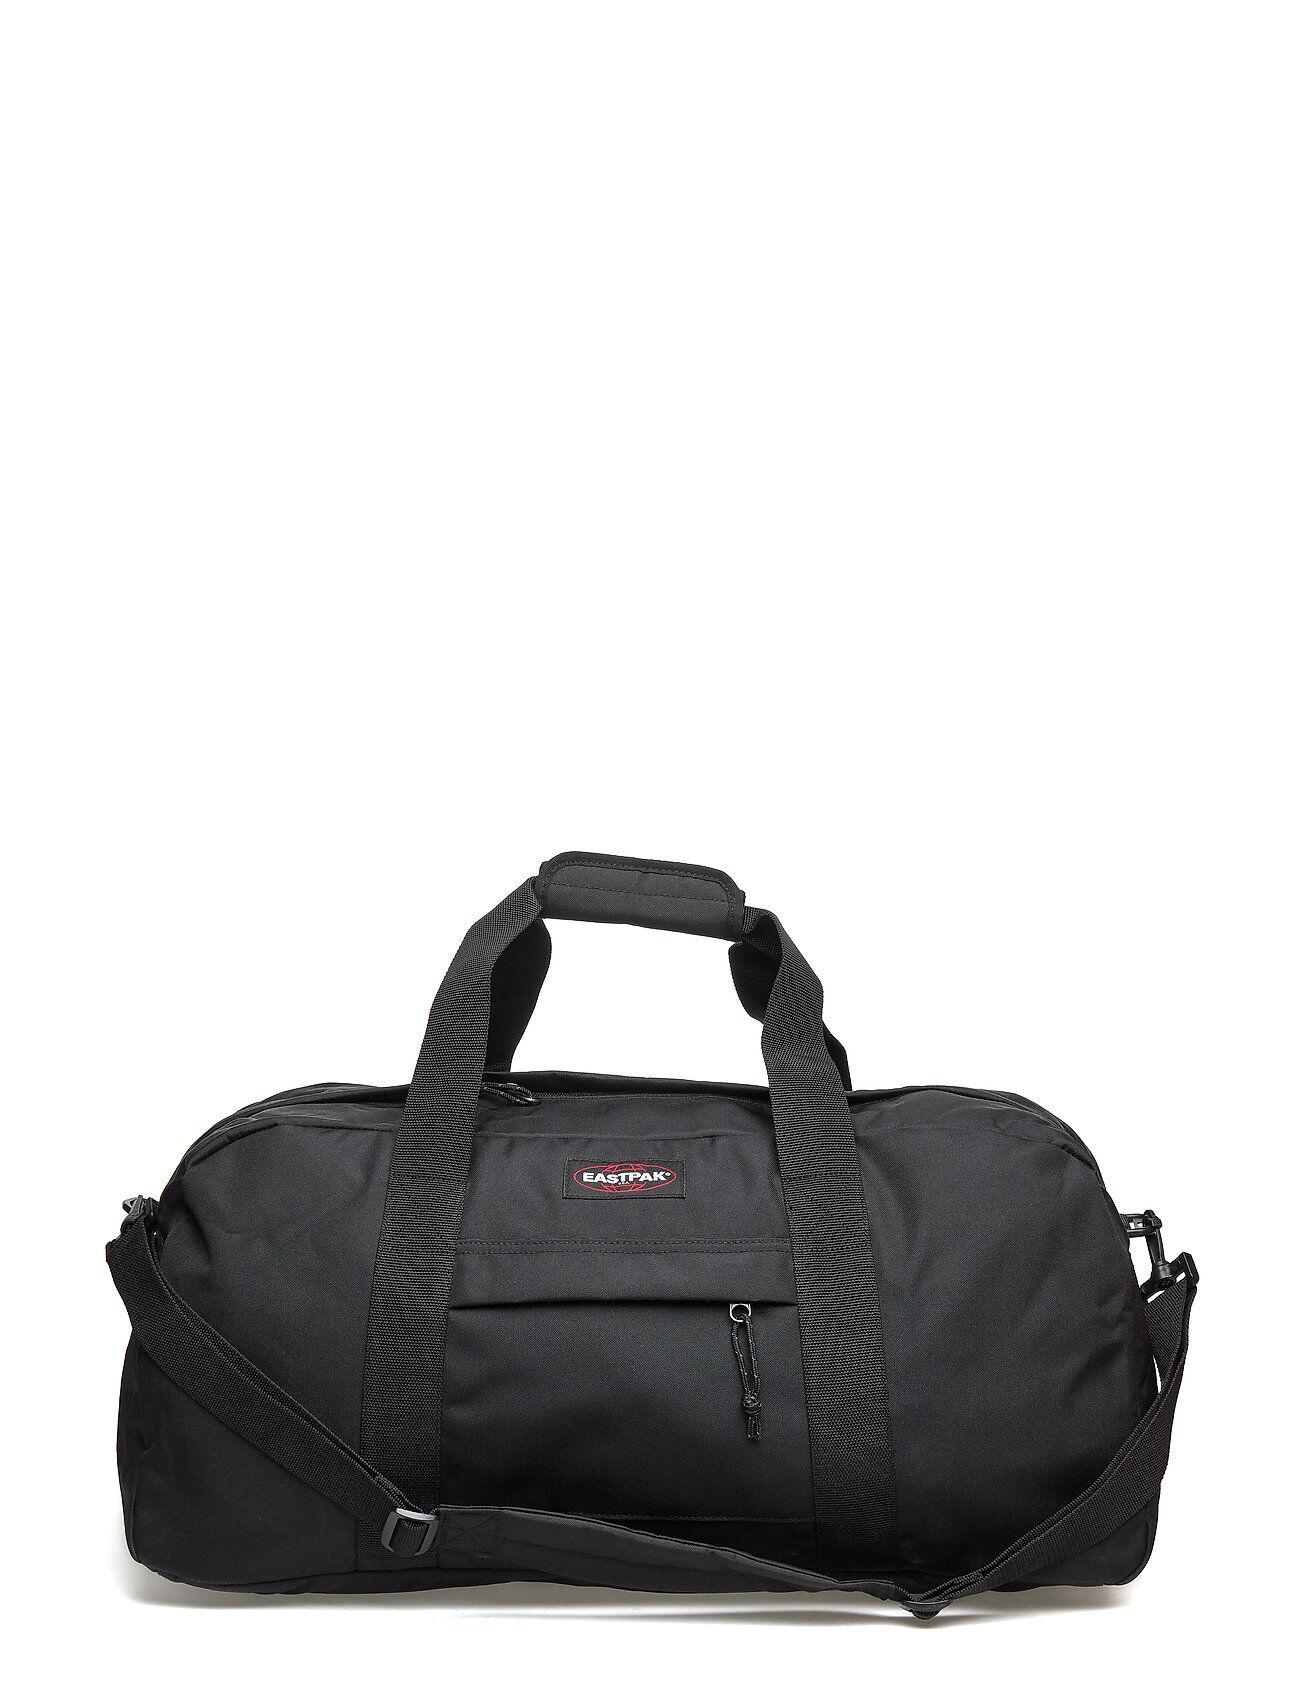 Image of Eastpak Station + Bags Weekend & Gym Bags Musta Eastpak